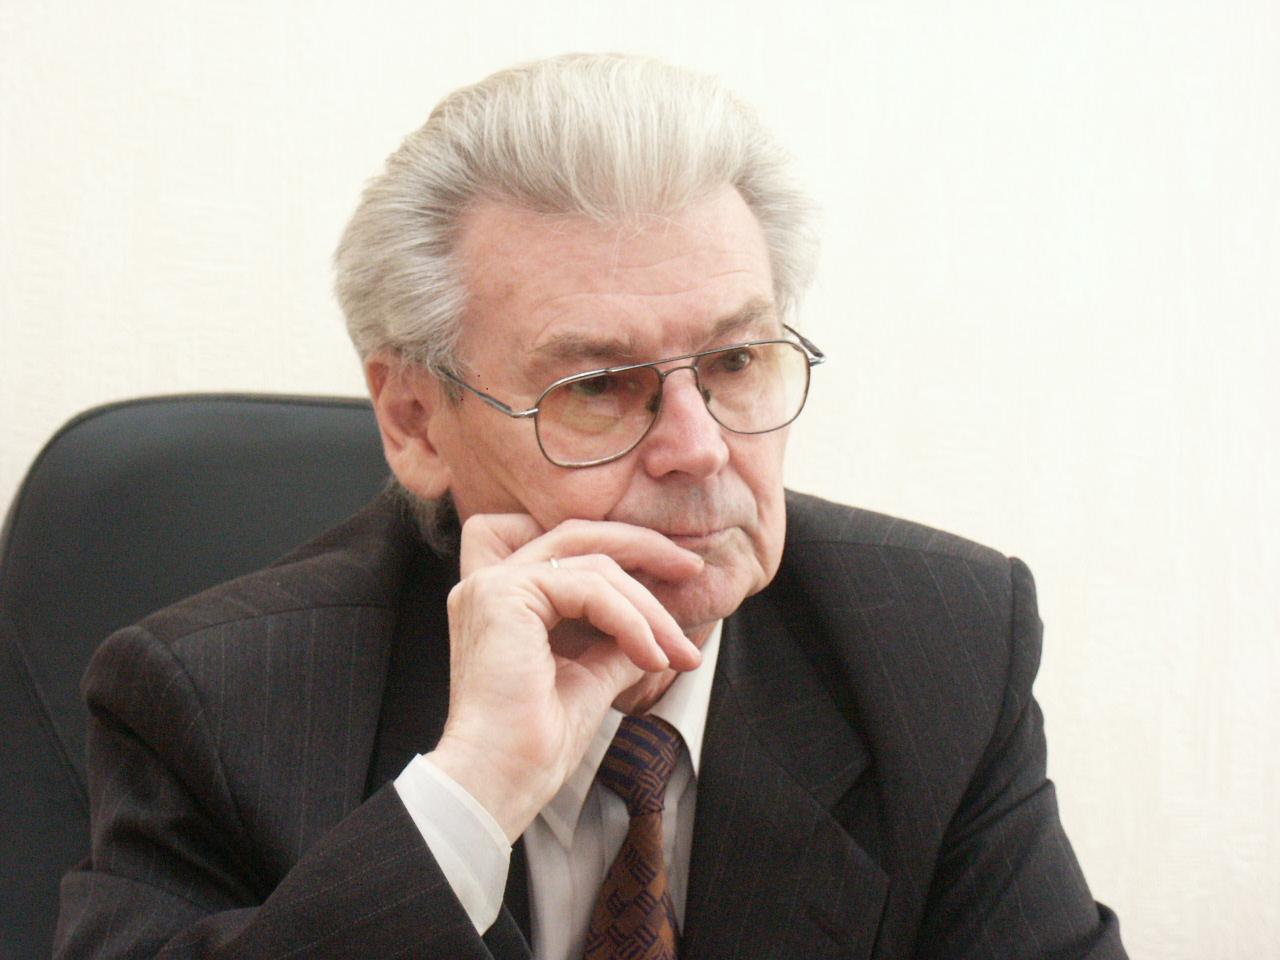 ПОЗДРАВЛЯЕМ с Днем рождения Александра Ивановича КОНОВАЛОВА!